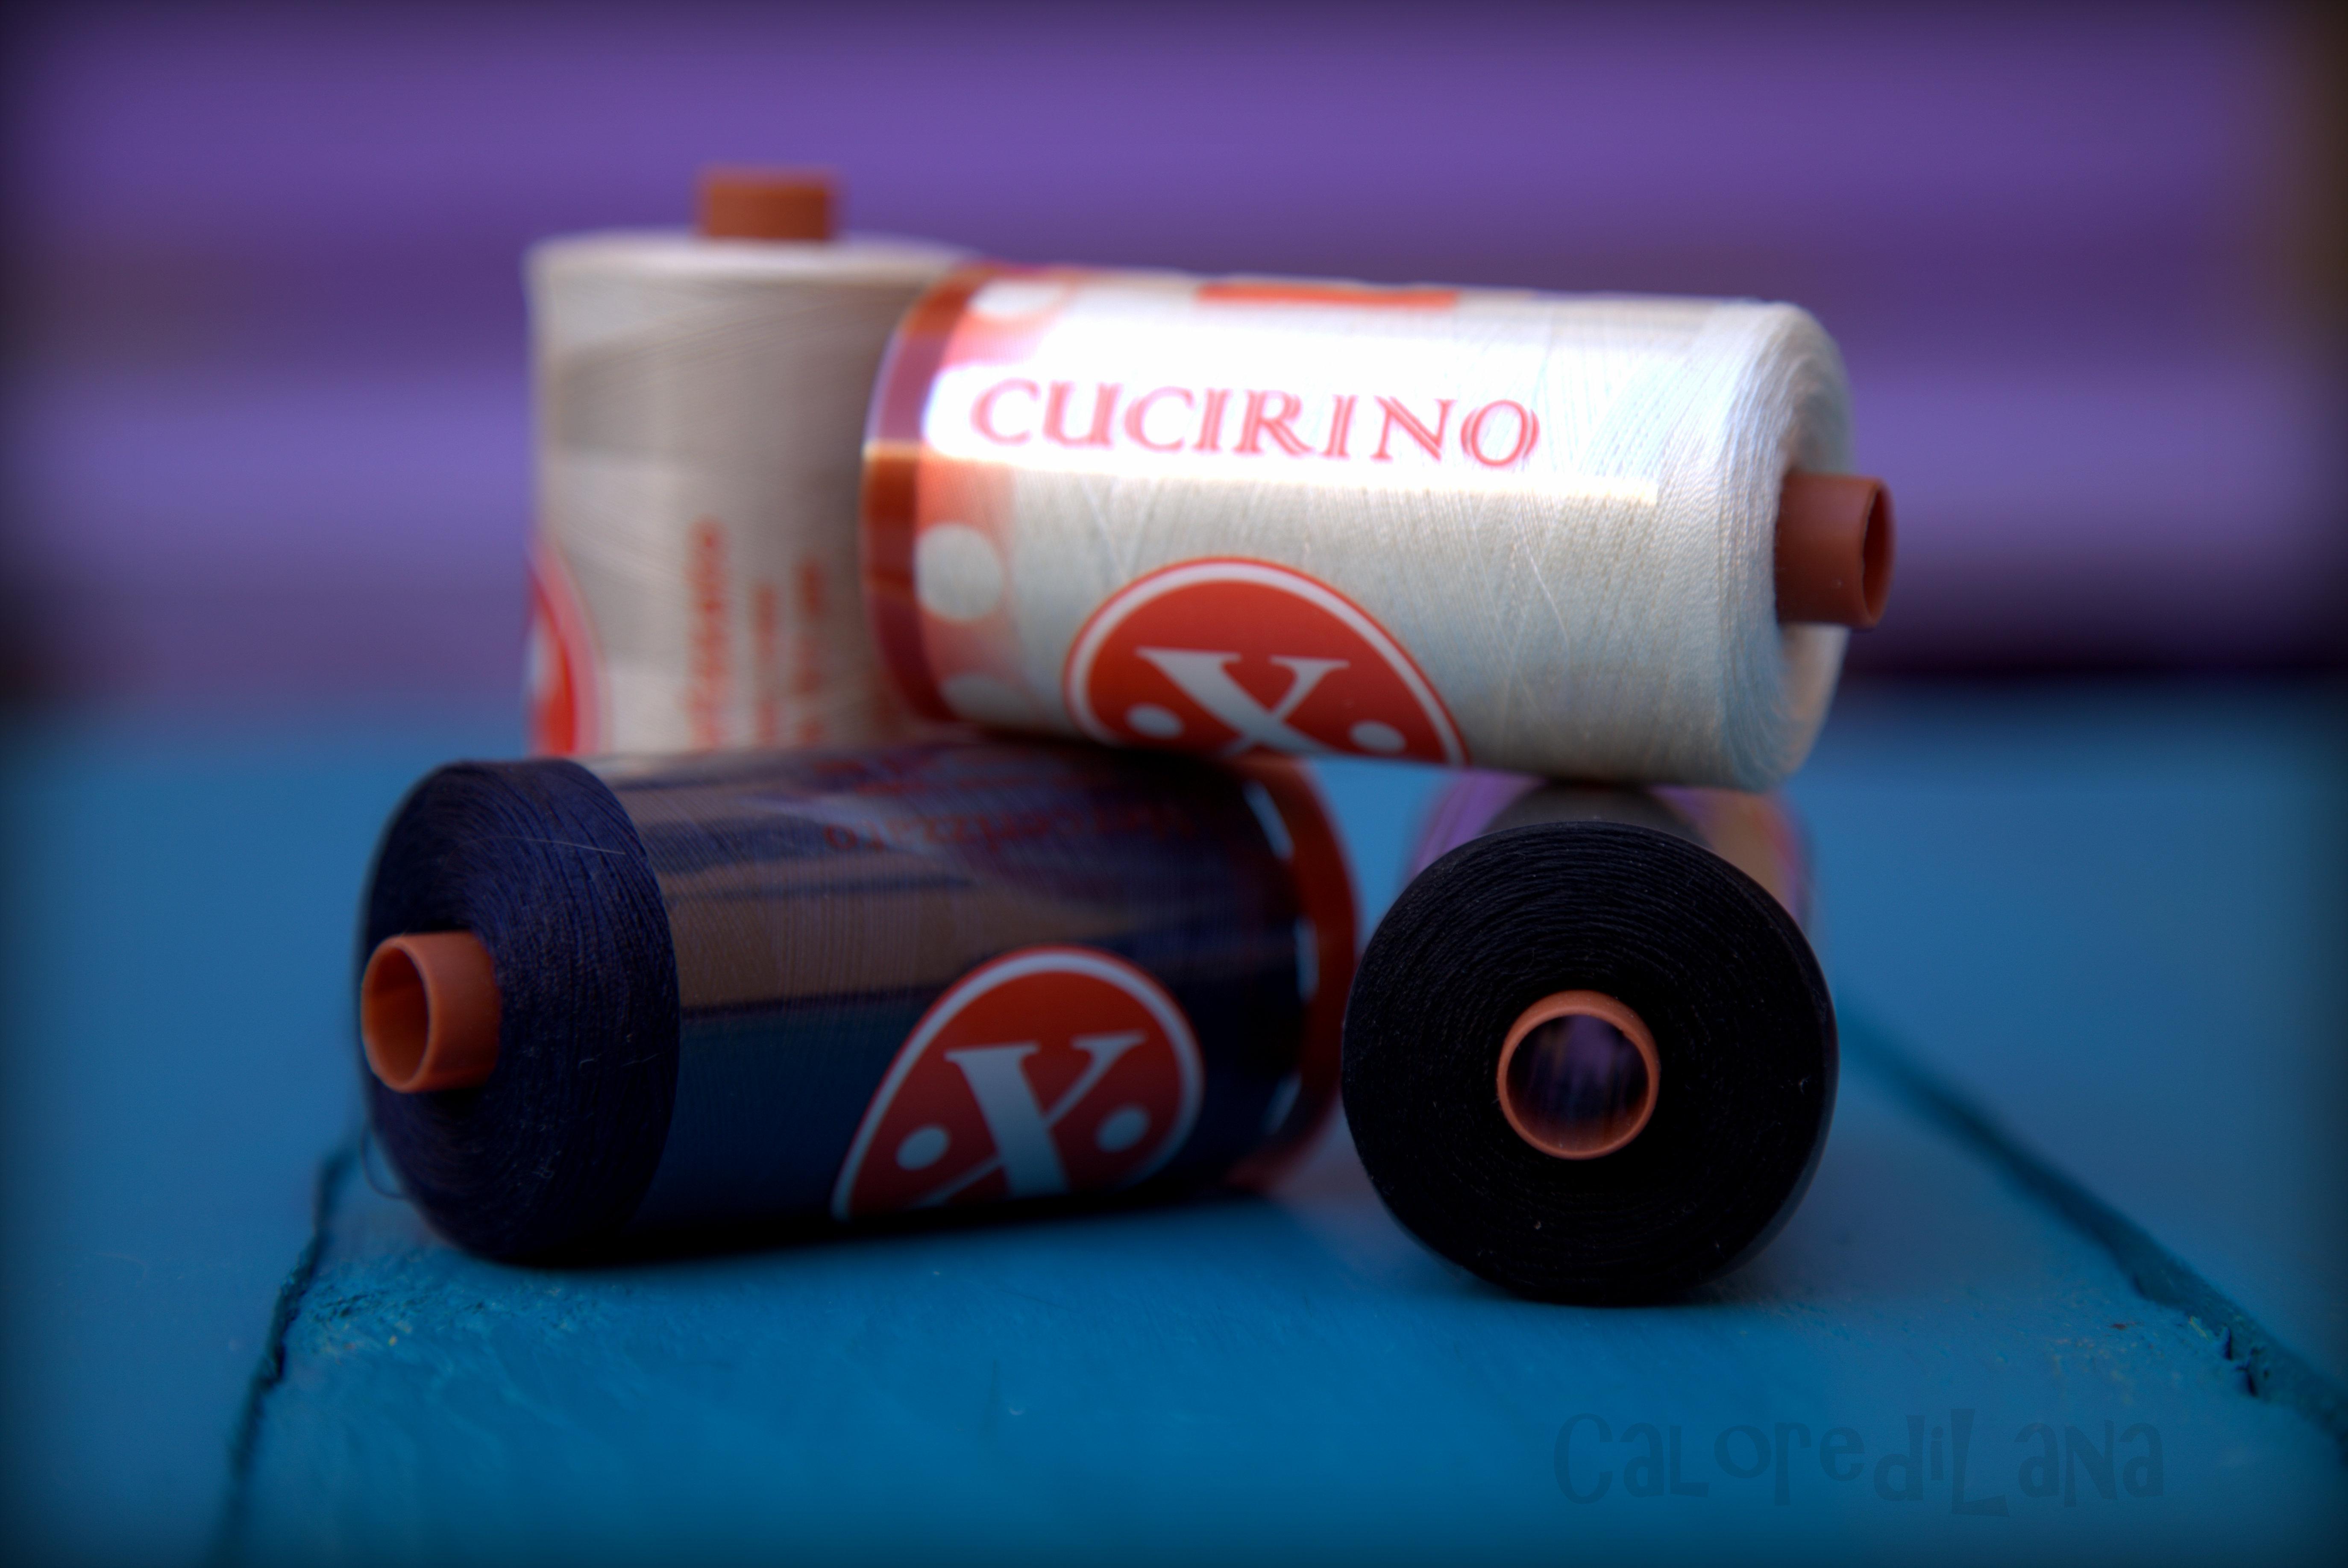 Cotone per cucito - 1000 yards - Calore di Lana www.caloredilana.com